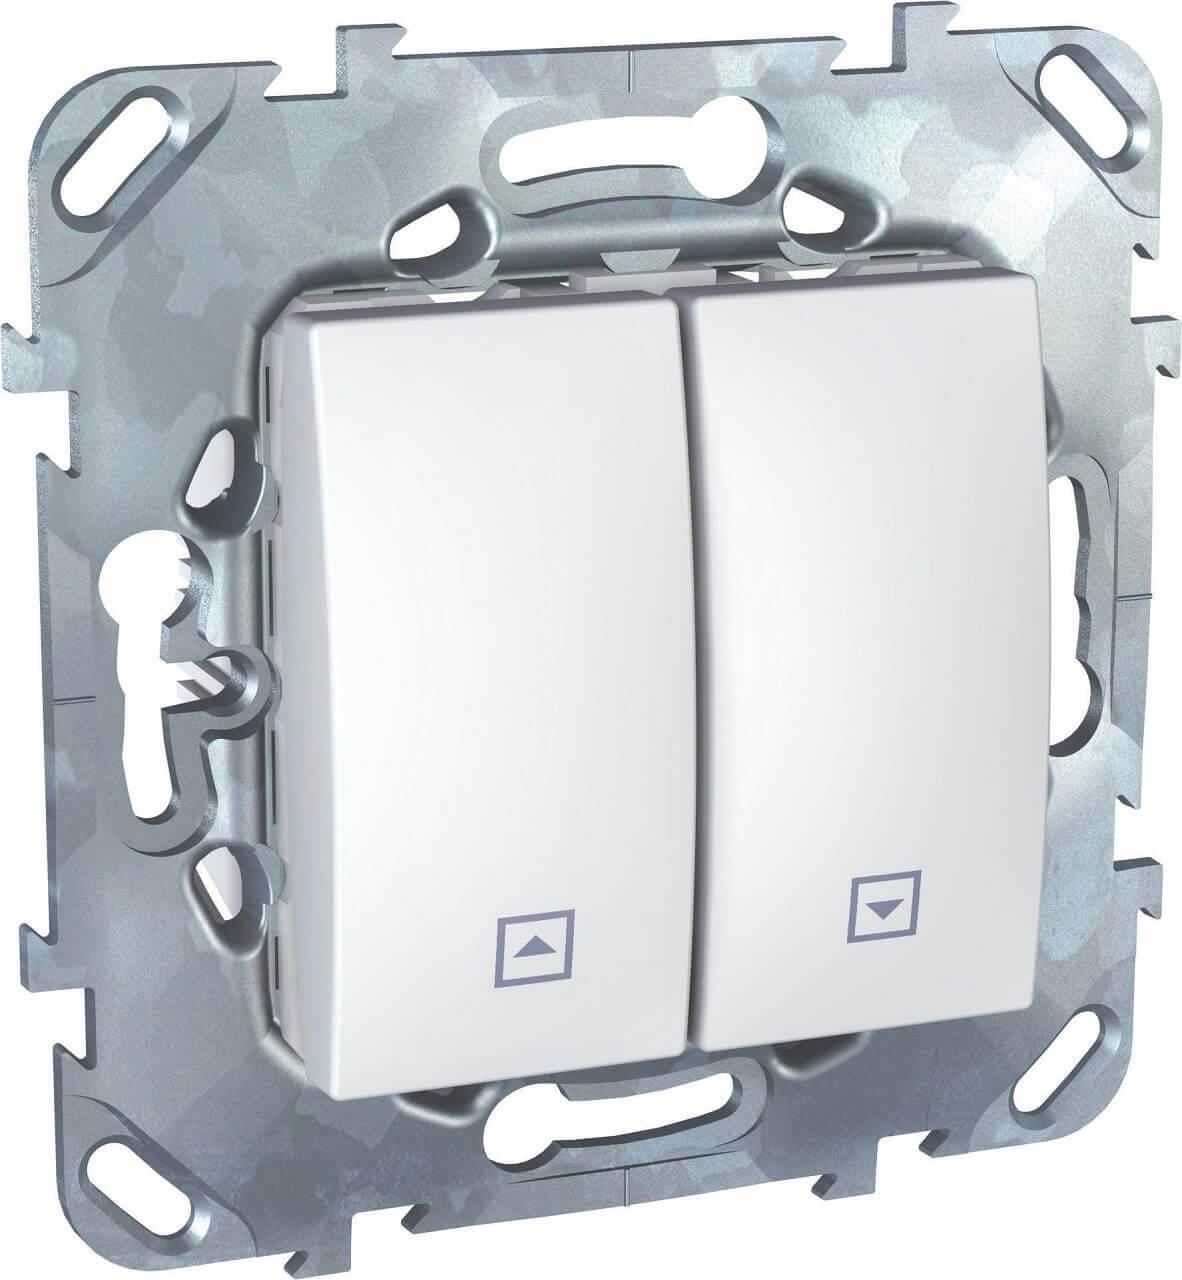 Выключатель двухклавишный кнопочный для жалюзи Schneider Electric Unica MGU5.207.18ZD выключатель двухклавишный для жалюзи schneider electric unica mgu5 208 25zd